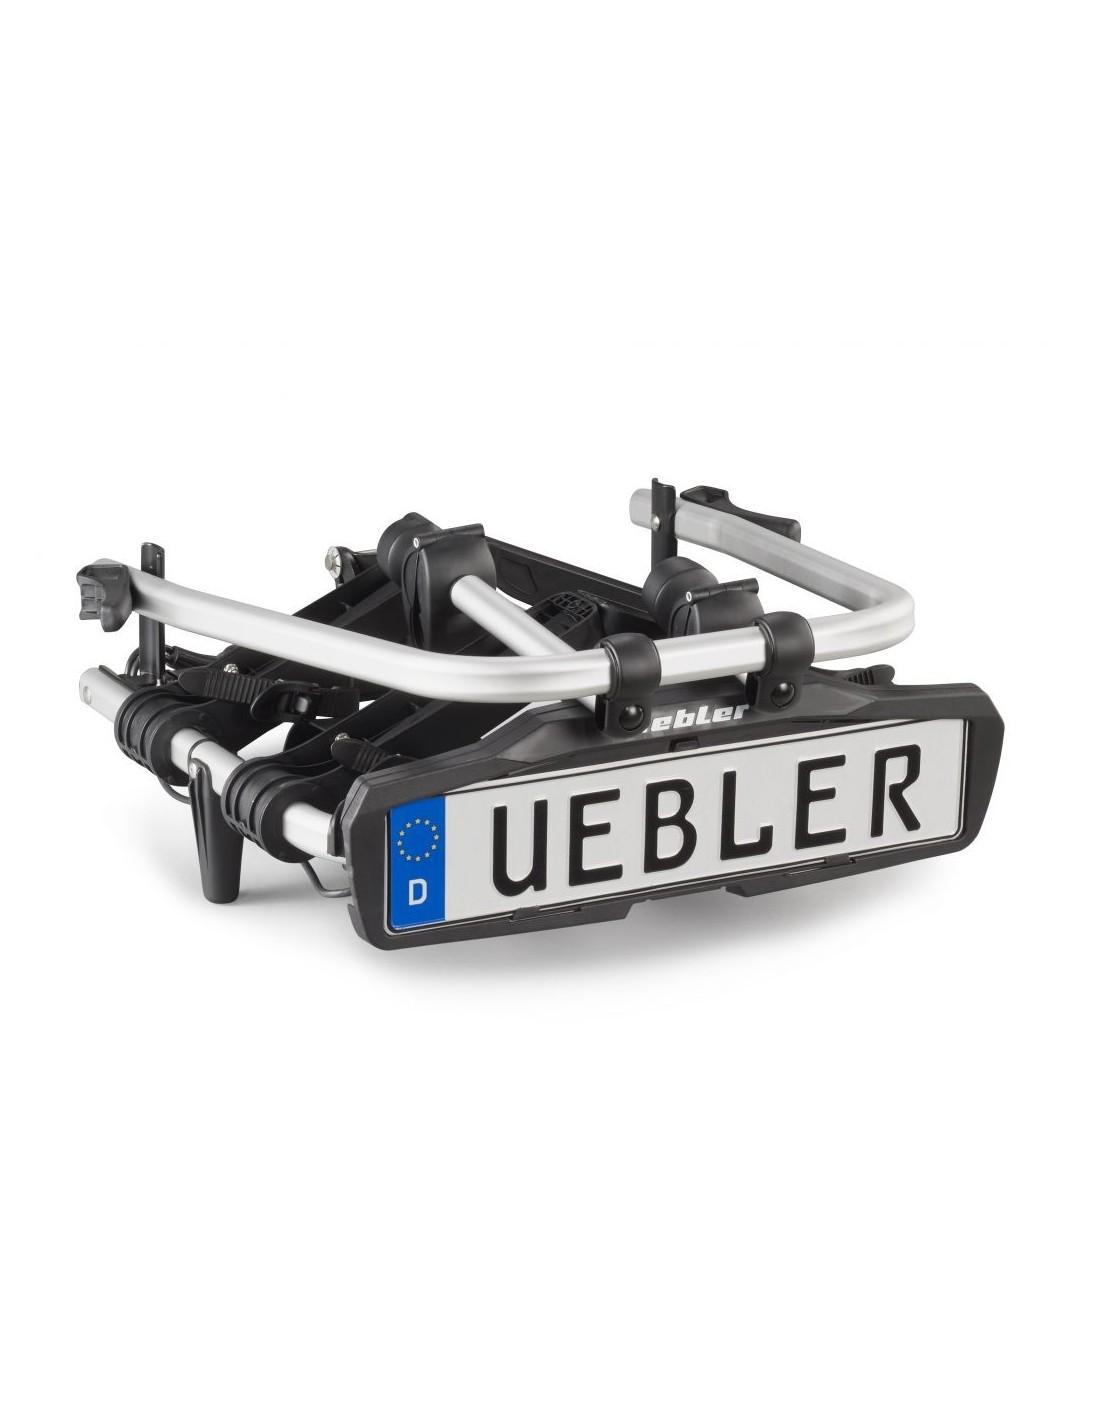 Verwonderend Uebler Kupplungsträger Uebler F42, für 4 Fahrräder zum Bestpreis ka... NU-03